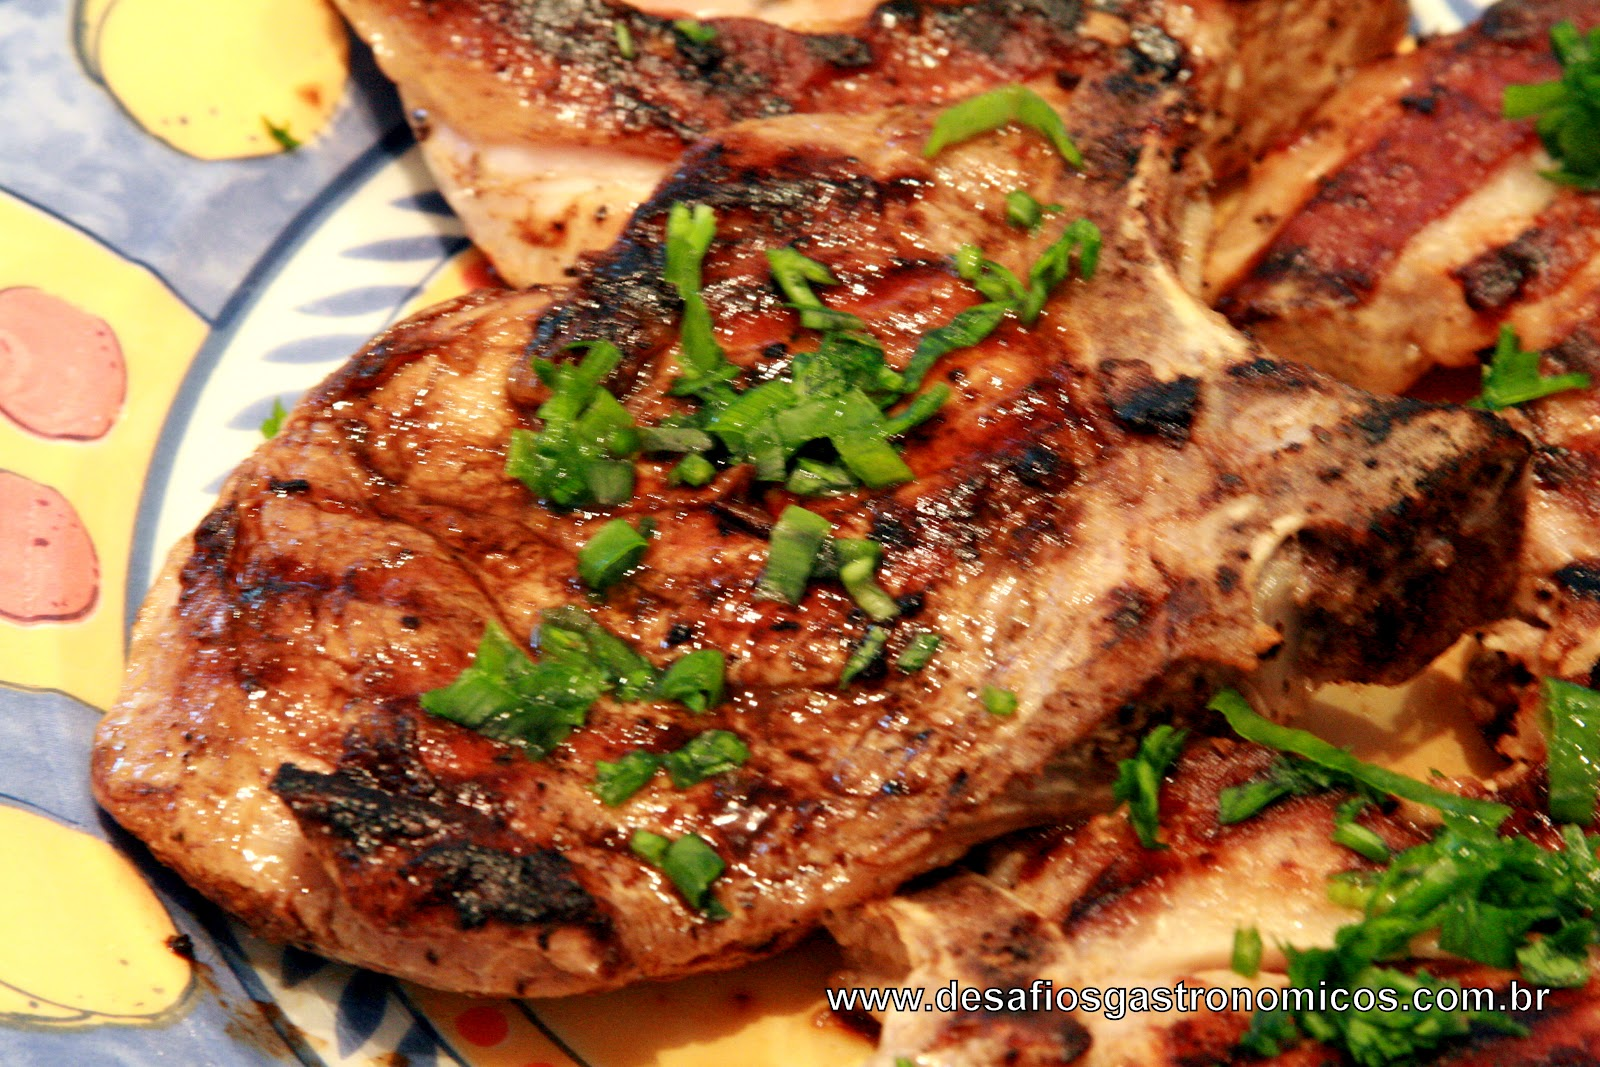 Desafios Gastronômicos: Bisteca Grelhada